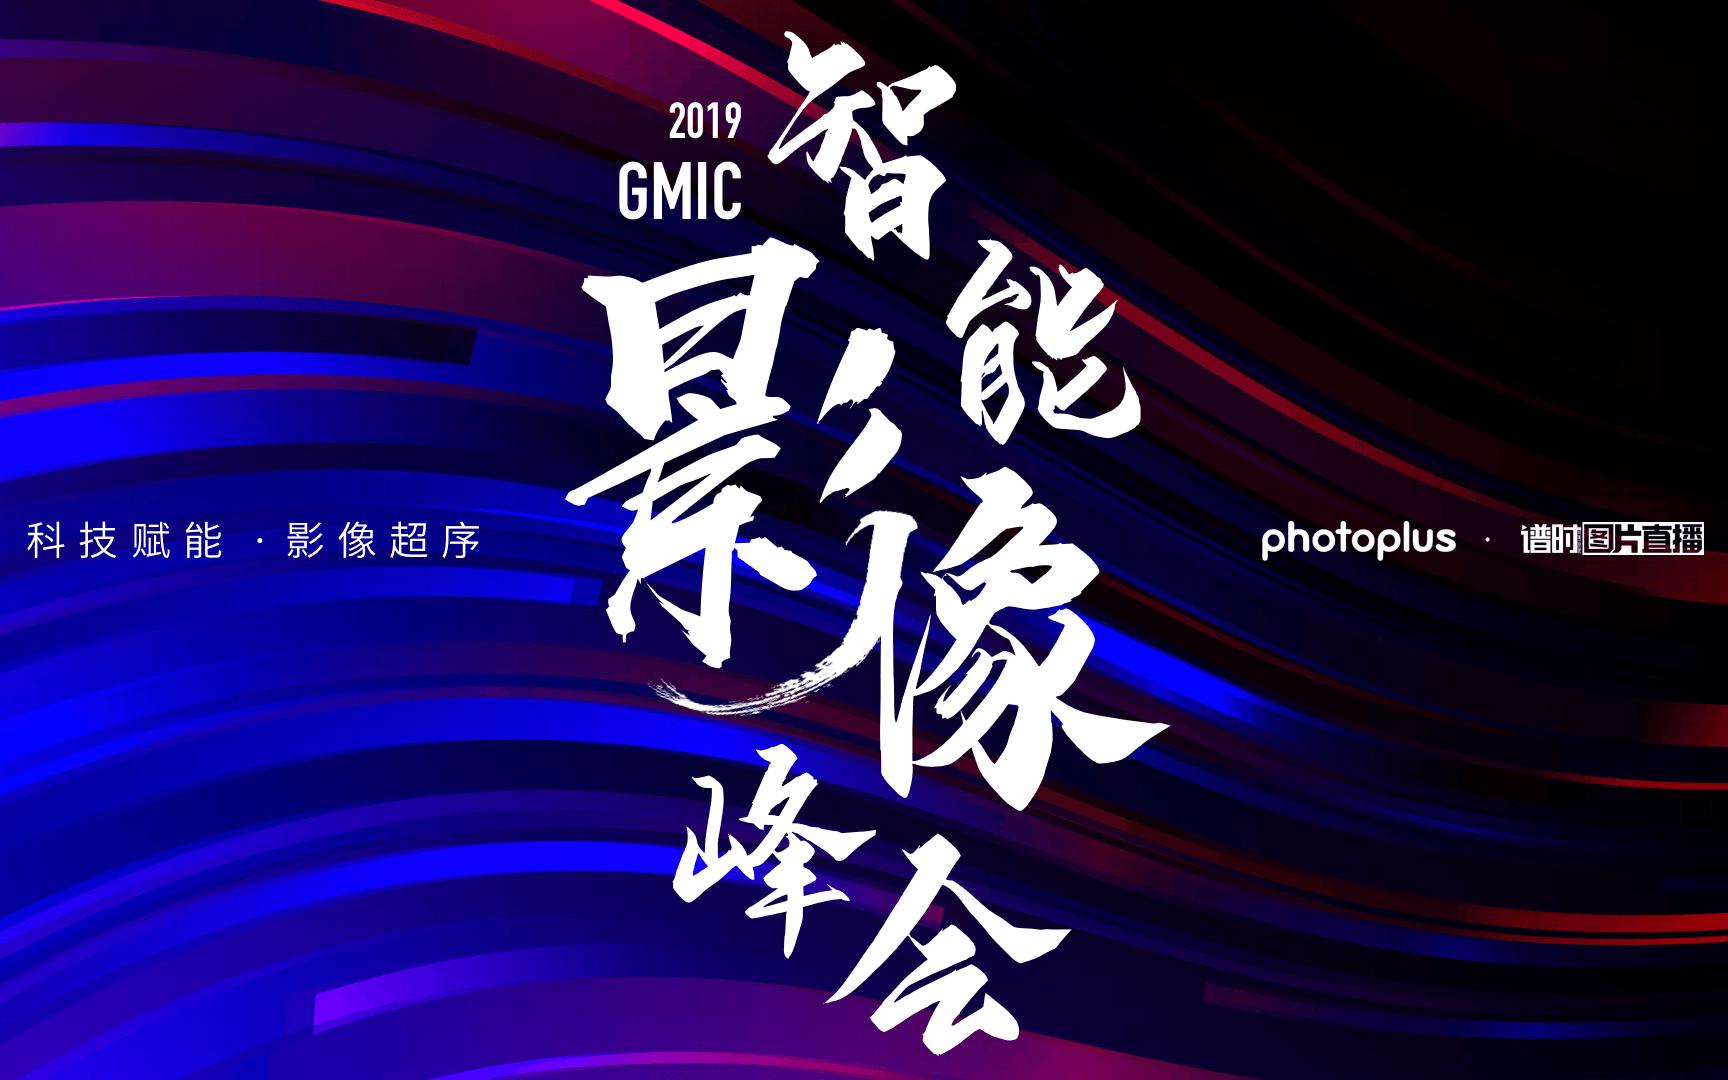 2019GMIC智能影像峰會(廣州)